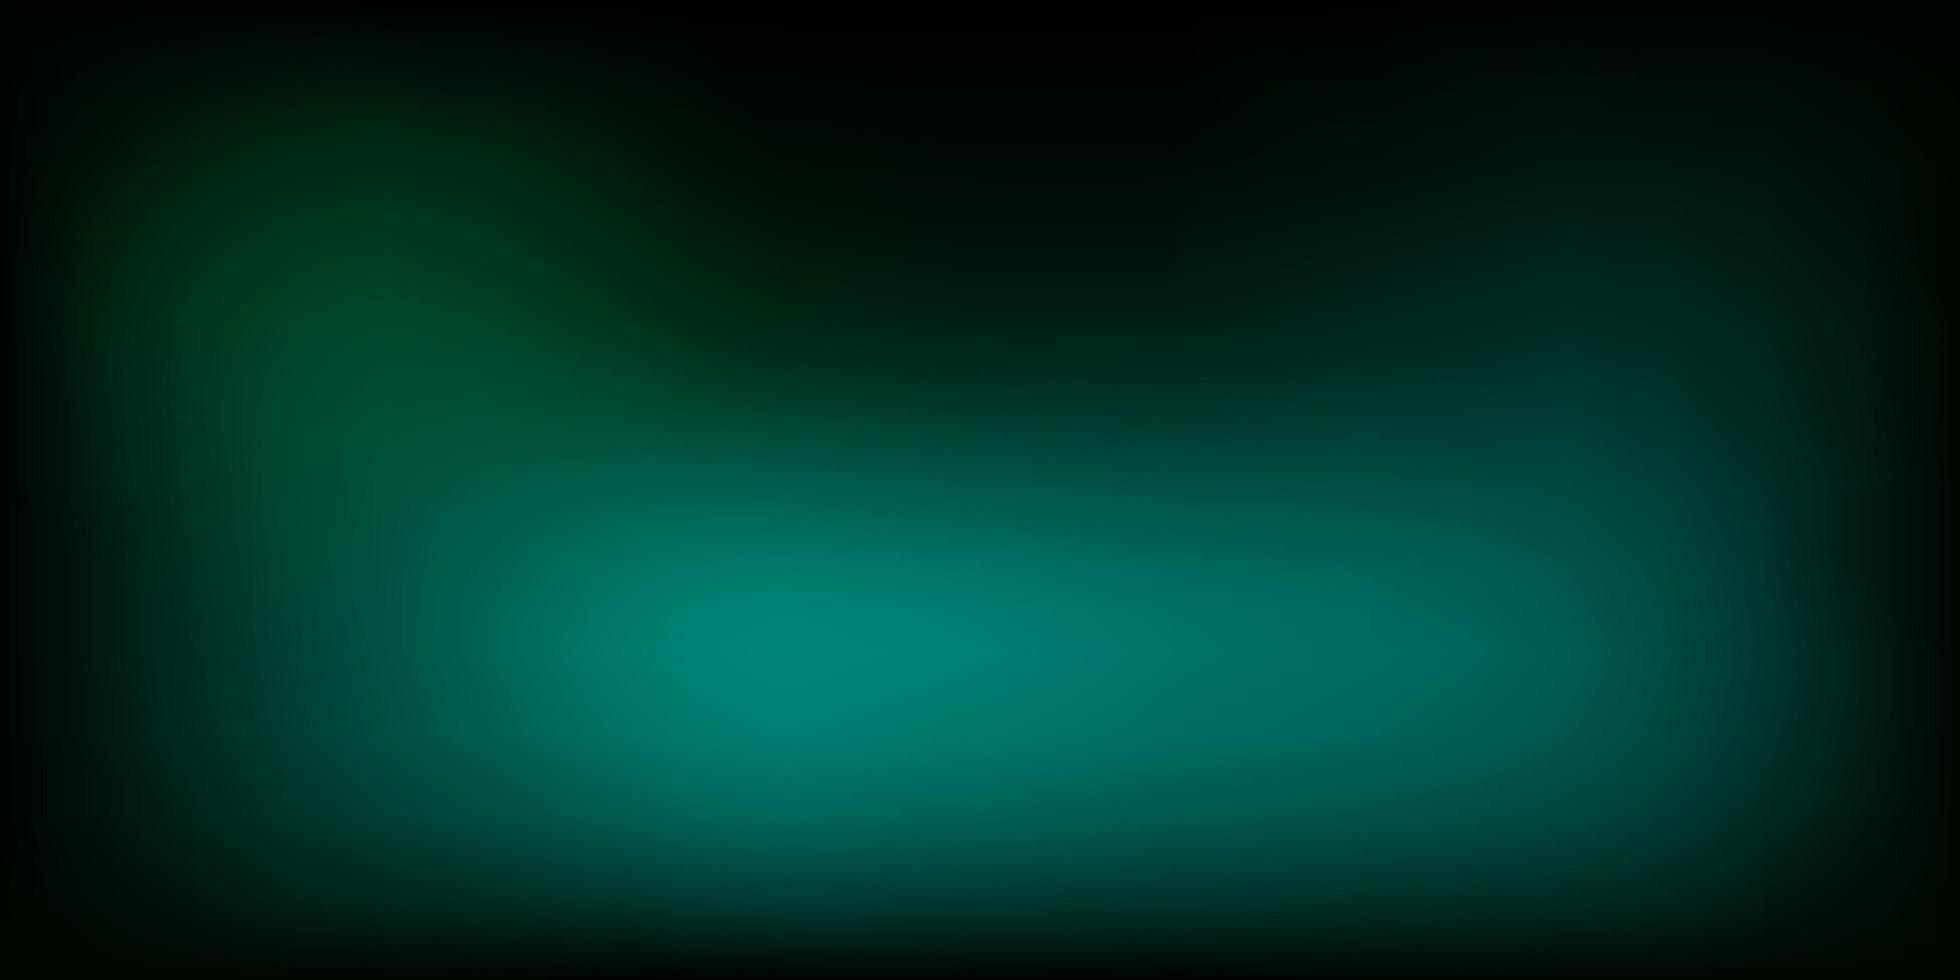 modelo de desfoque de gradiente de vetor verde escuro.